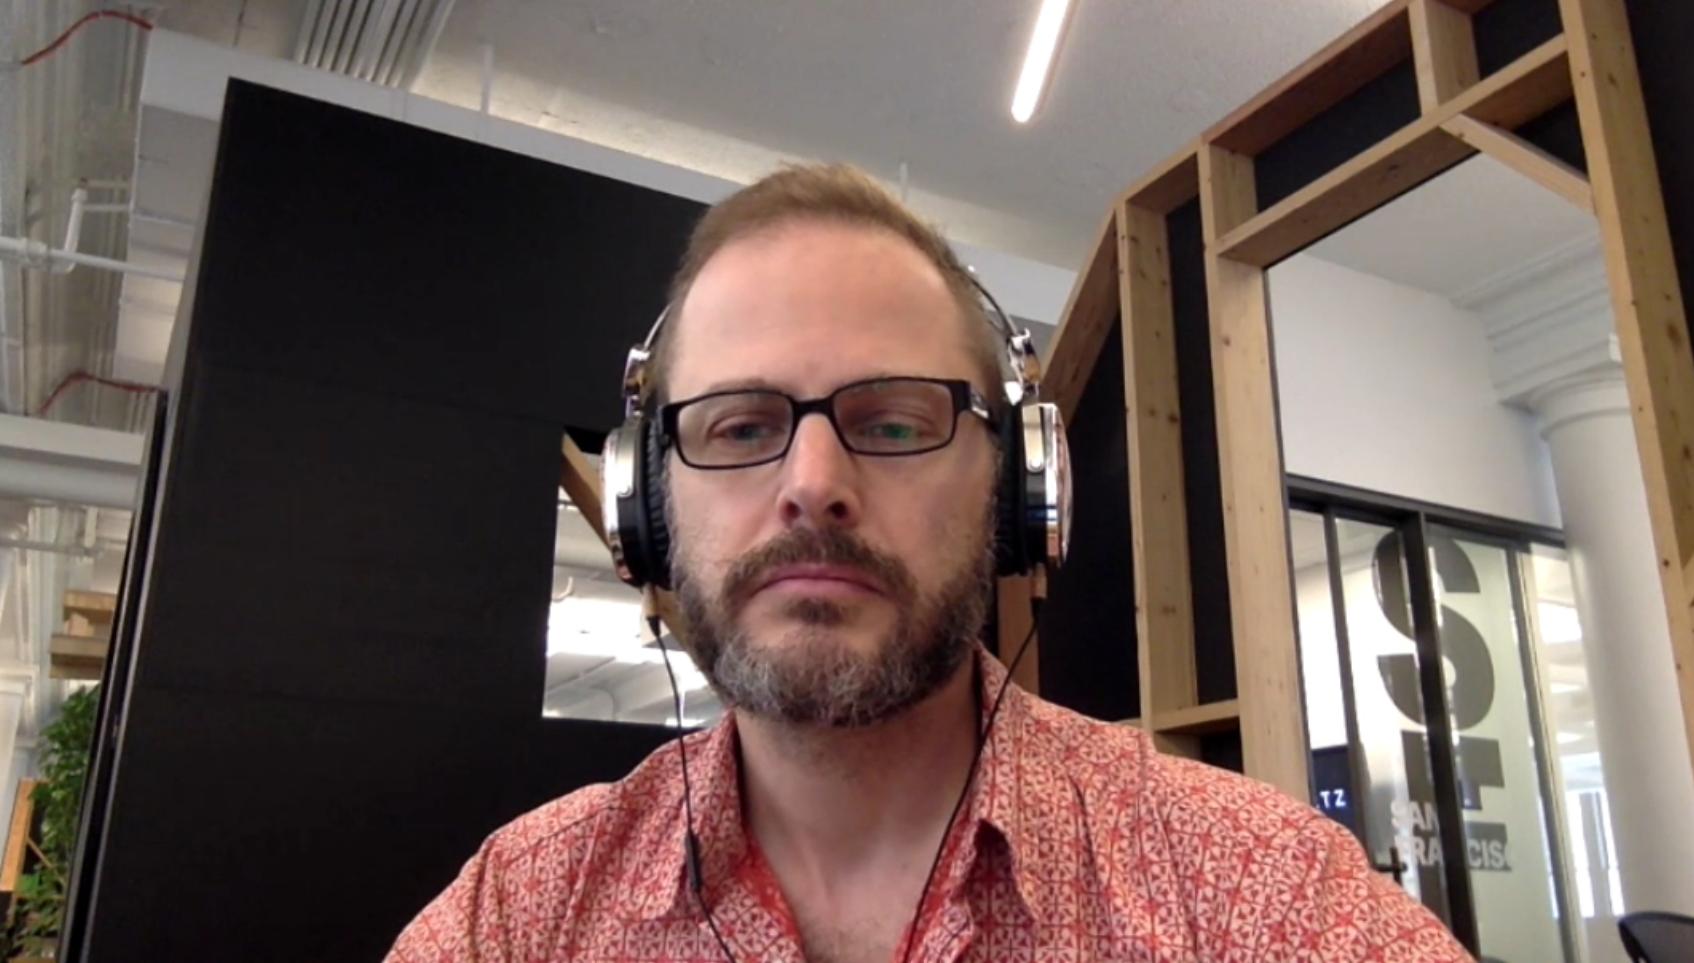 Gideon Lichfield, periodista, durante la entrevista con Economicón el 29 de junio de 2017.